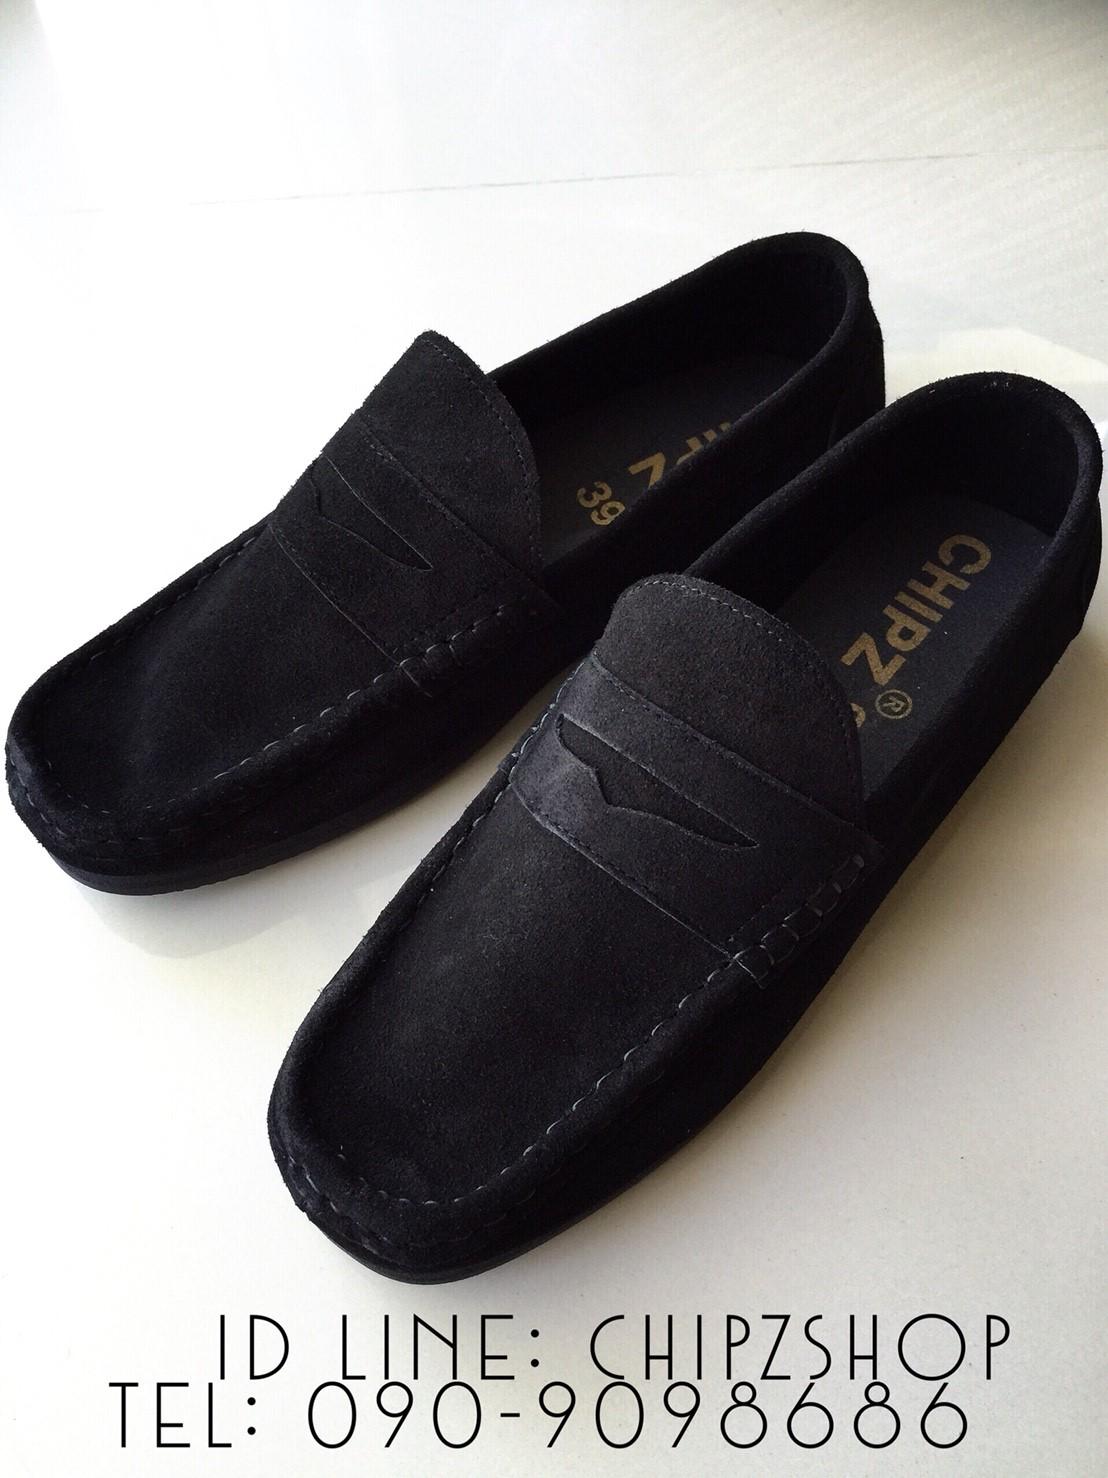 รองเท้าหนังกลับแท้ รุ่นโลฟเฟอร์ สีดำ